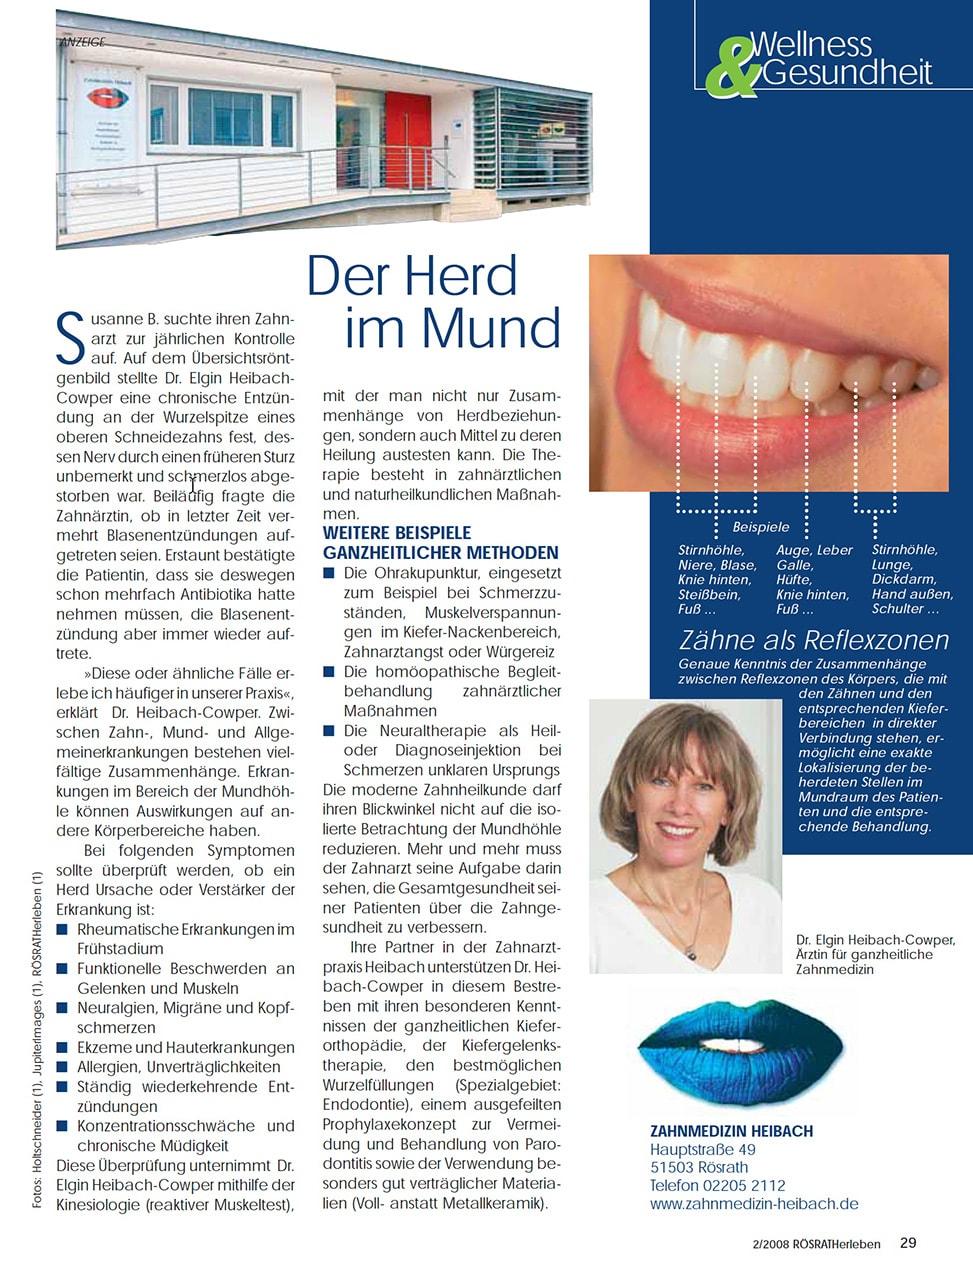 Z-MVZ dental suite - Pressemitteilung: Der Herd im Mund